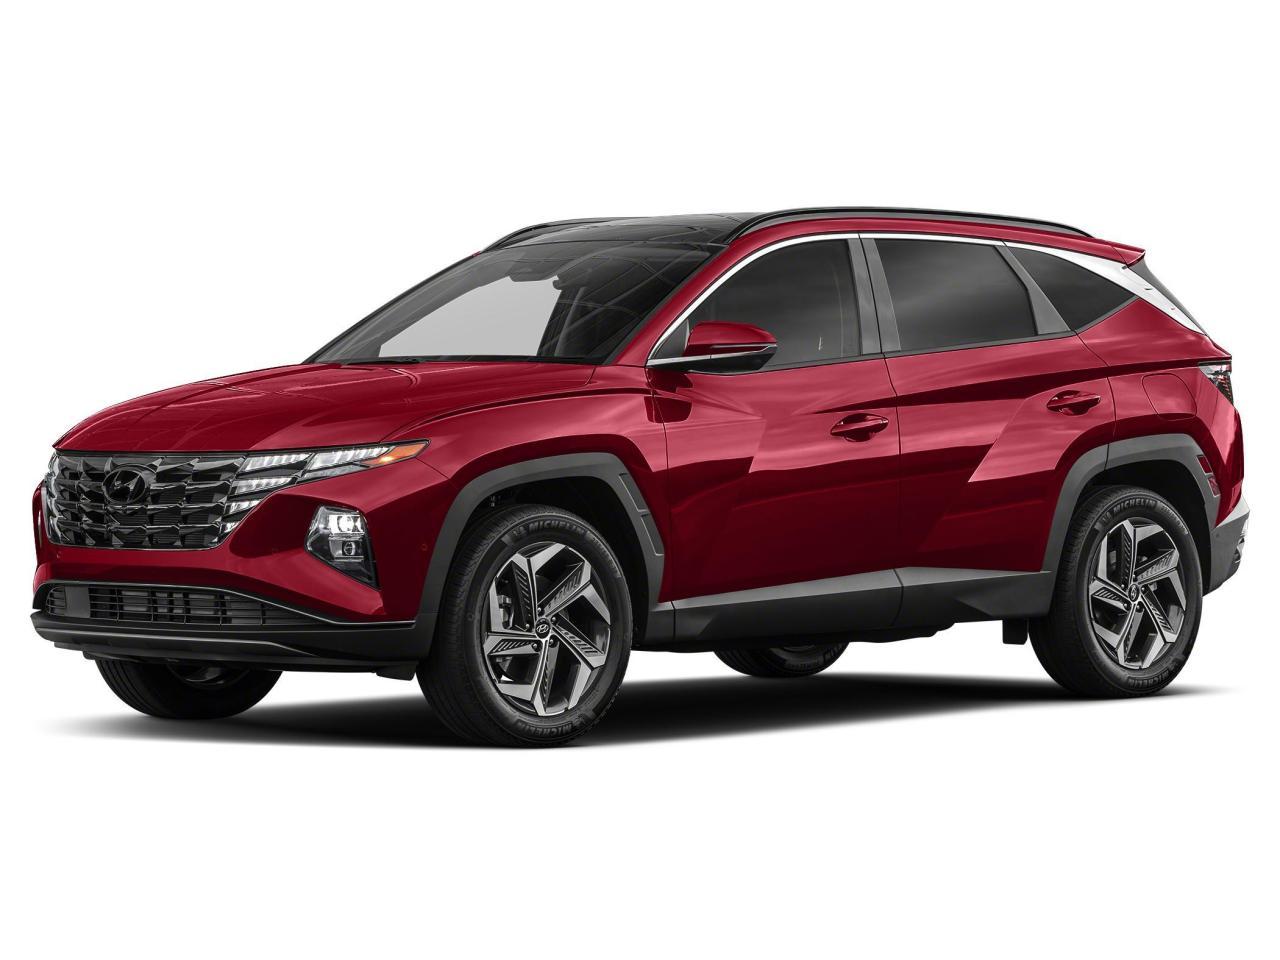 2022 Hyundai Tucson 2.5L AWD PREFERRED TREND